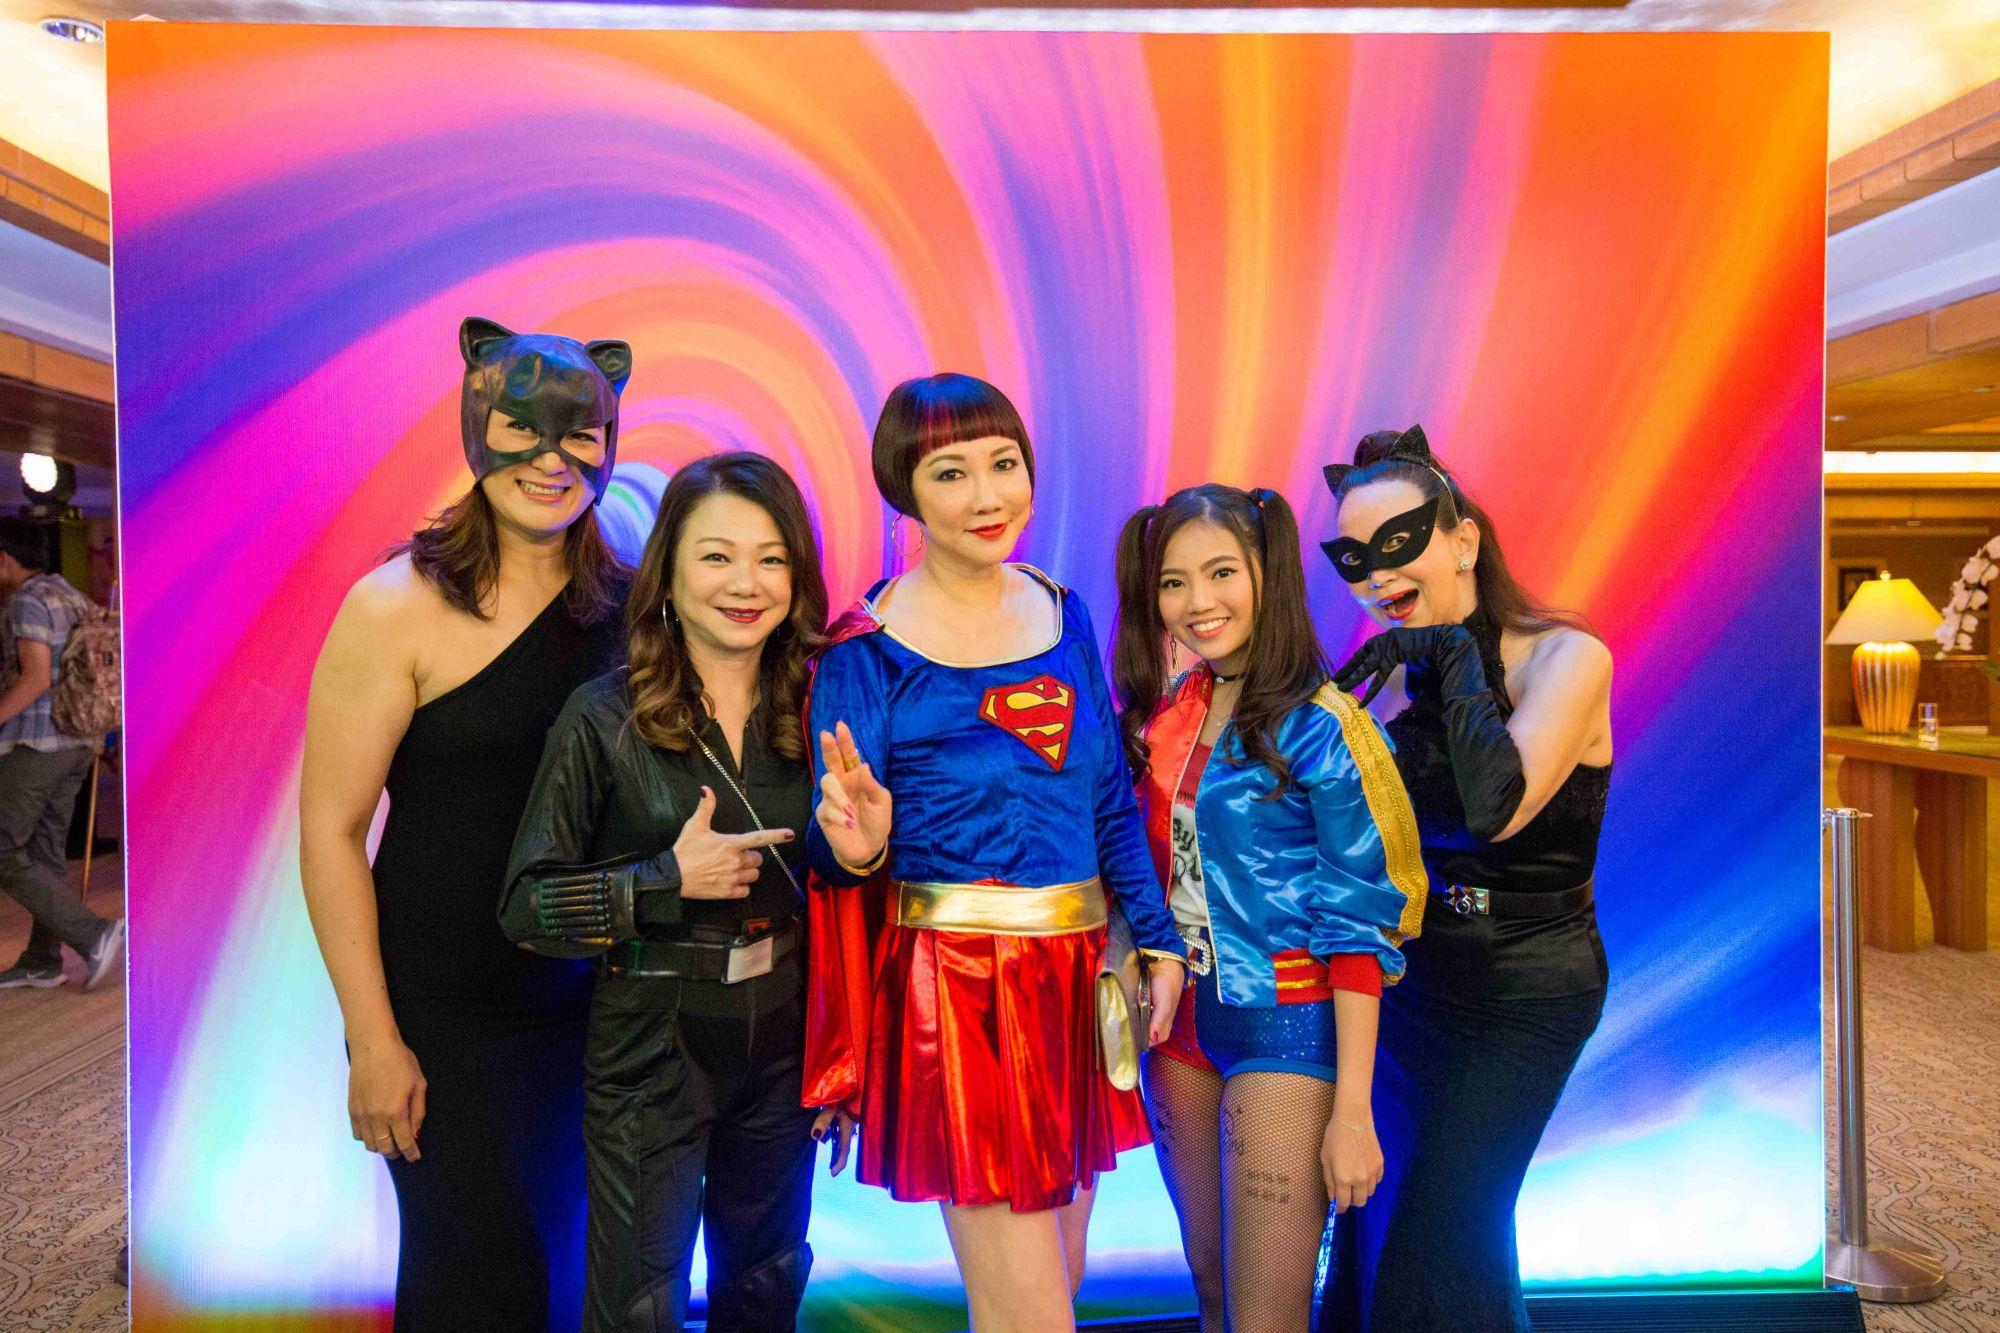 Nana Au-Chua, Angela Ng, Frances Low, Vanessa Ng, Celeste Basapa